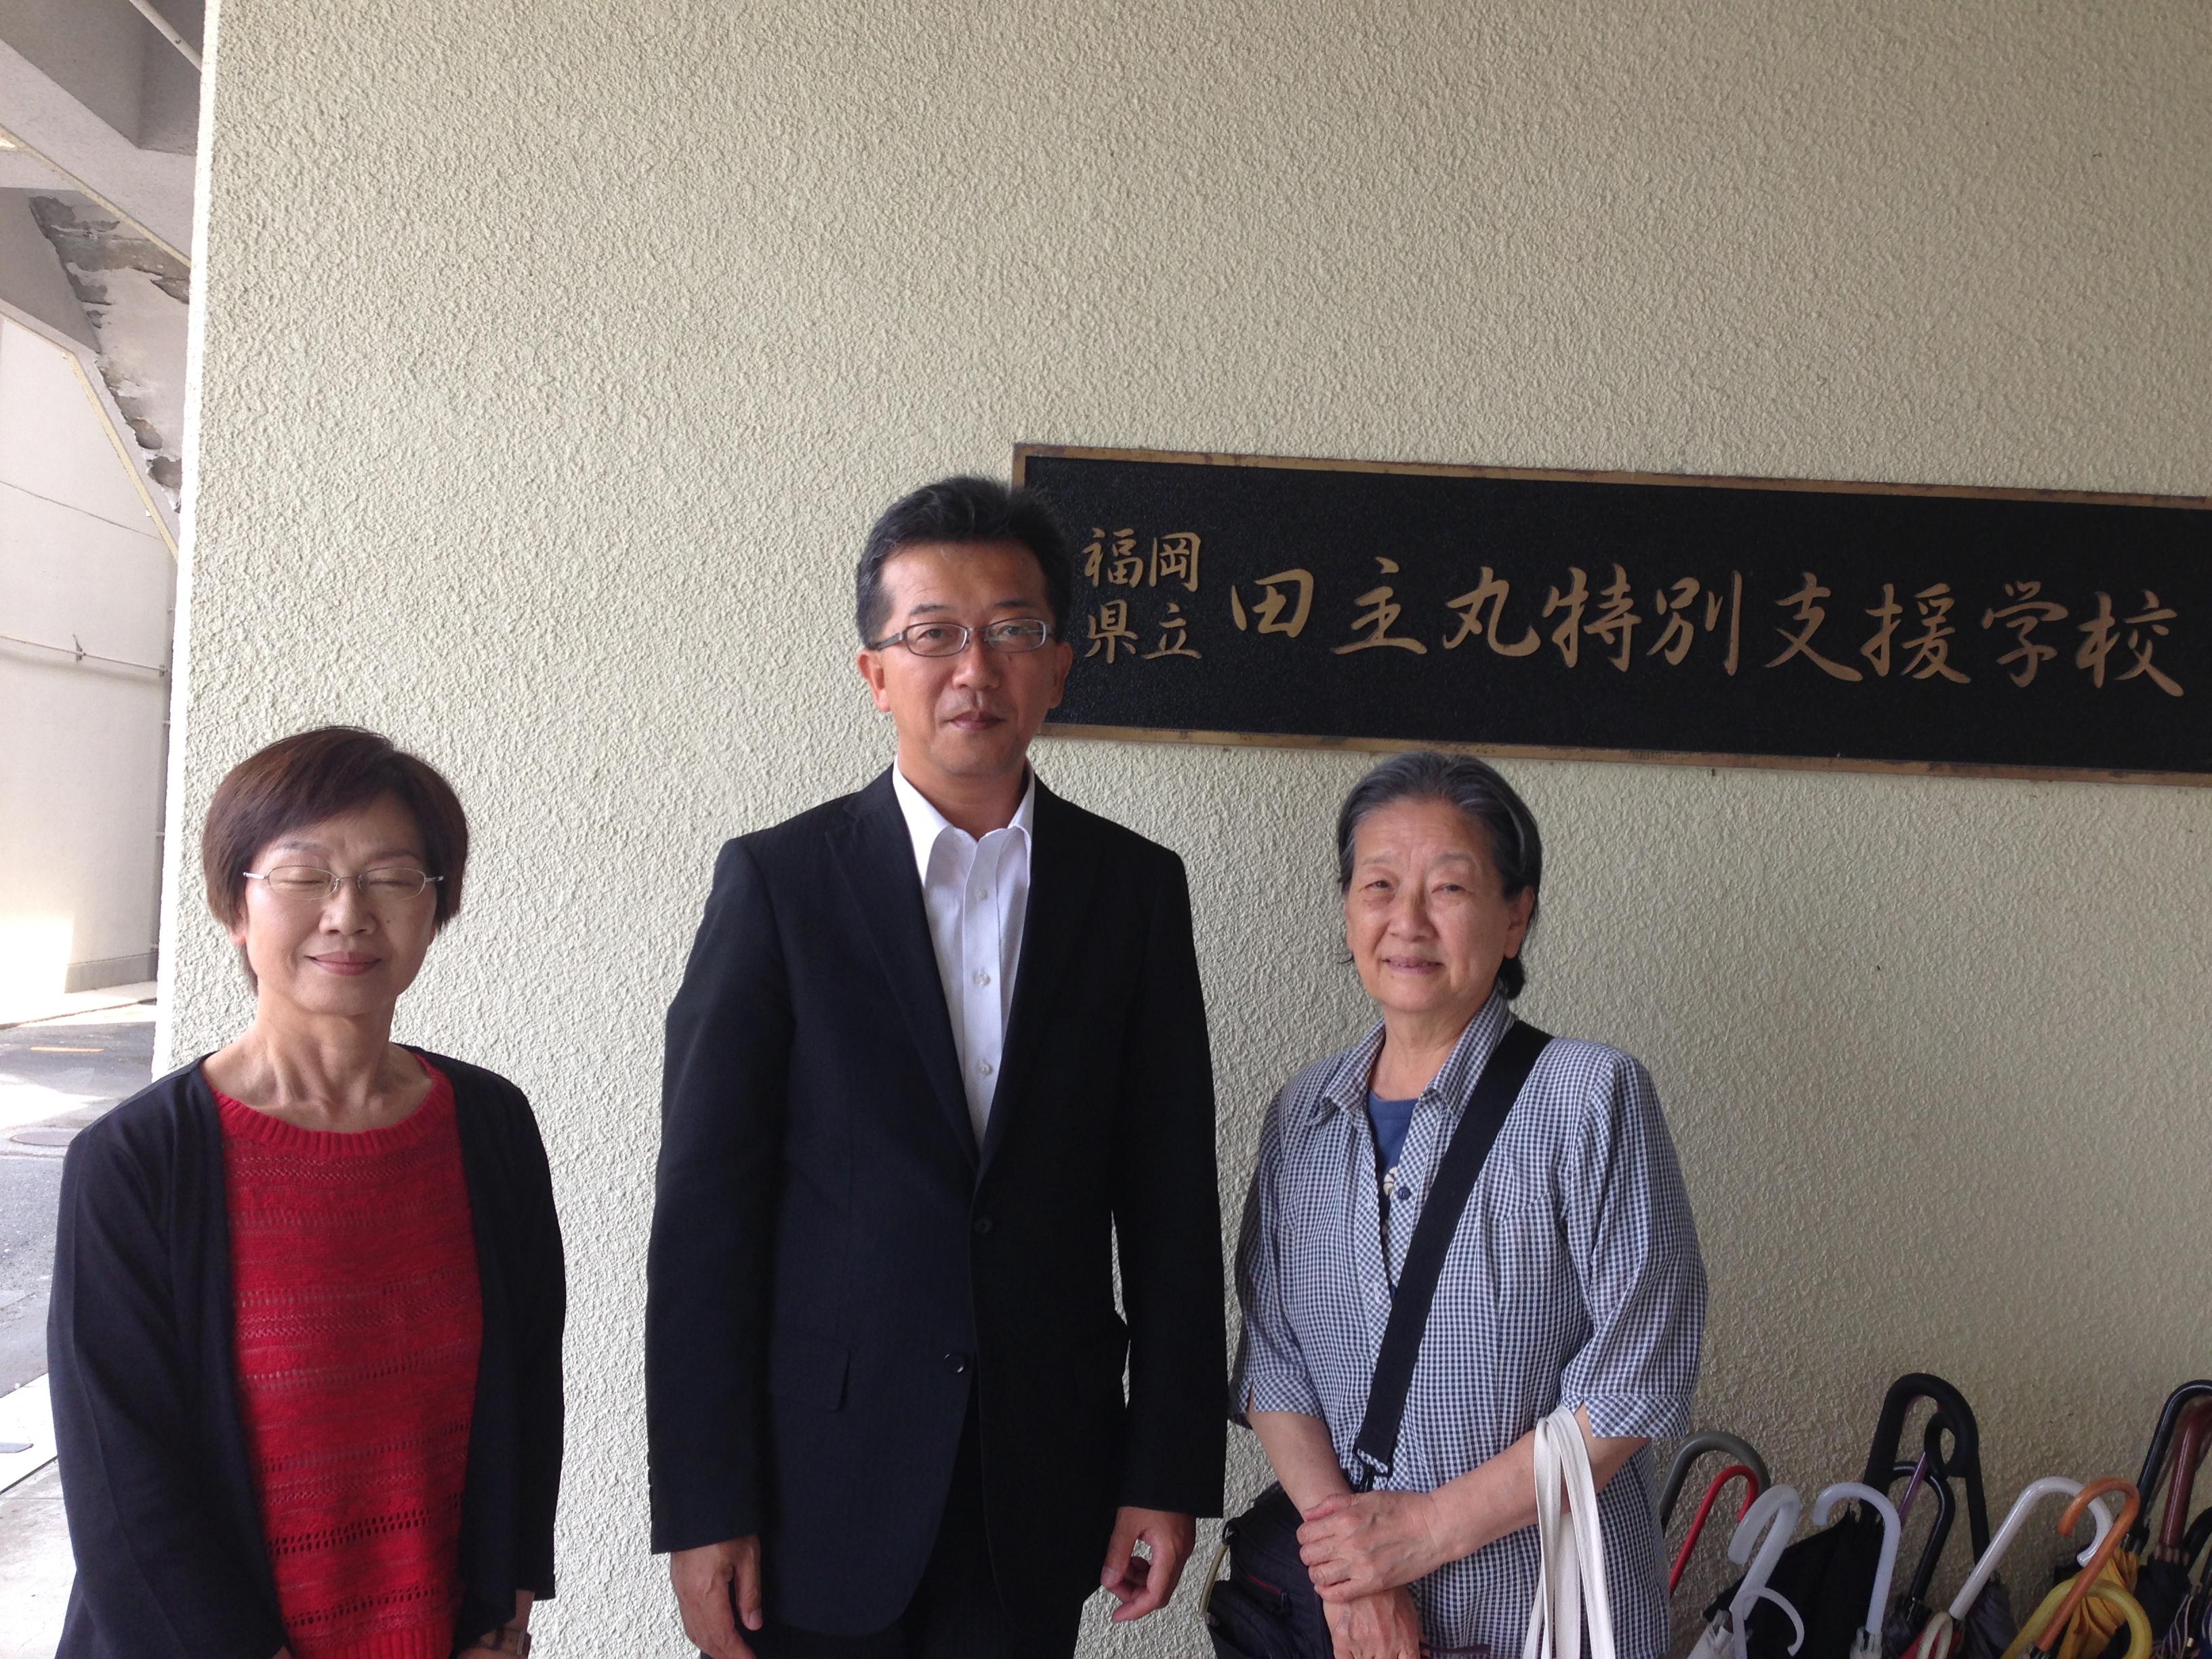 6月1日田主丸特別支援学校を訪問しました